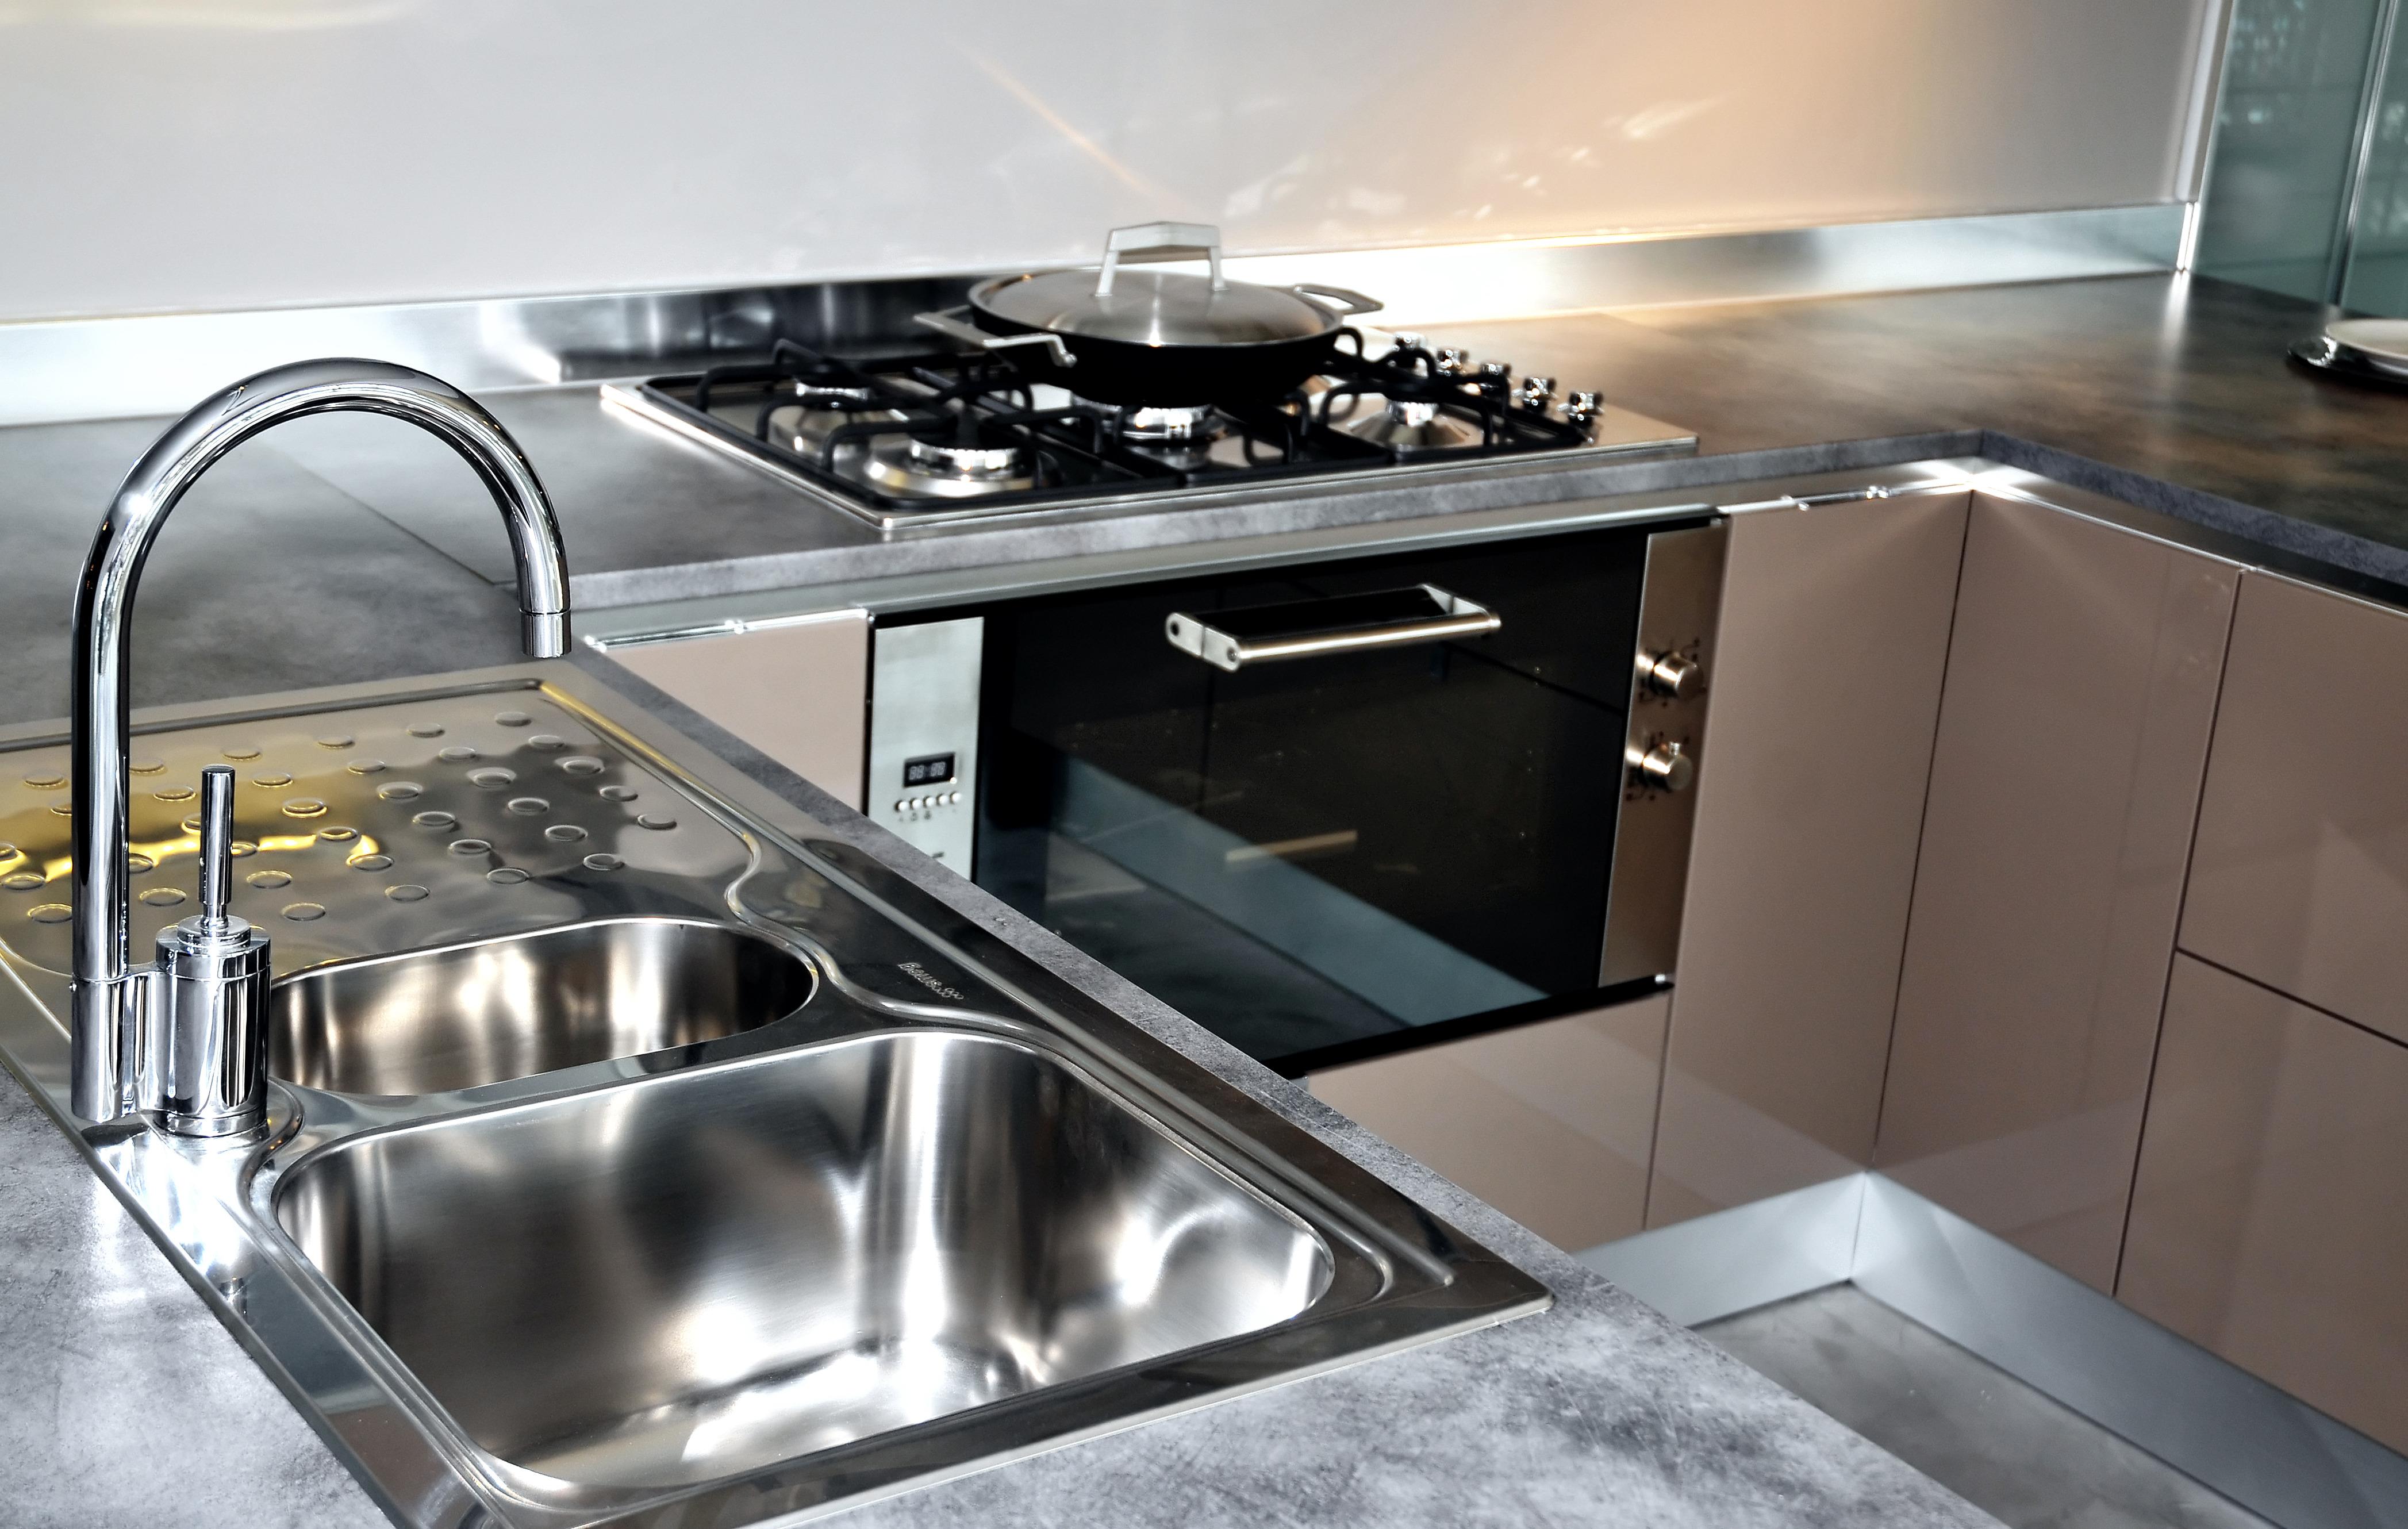 Area Appliance Service image 9